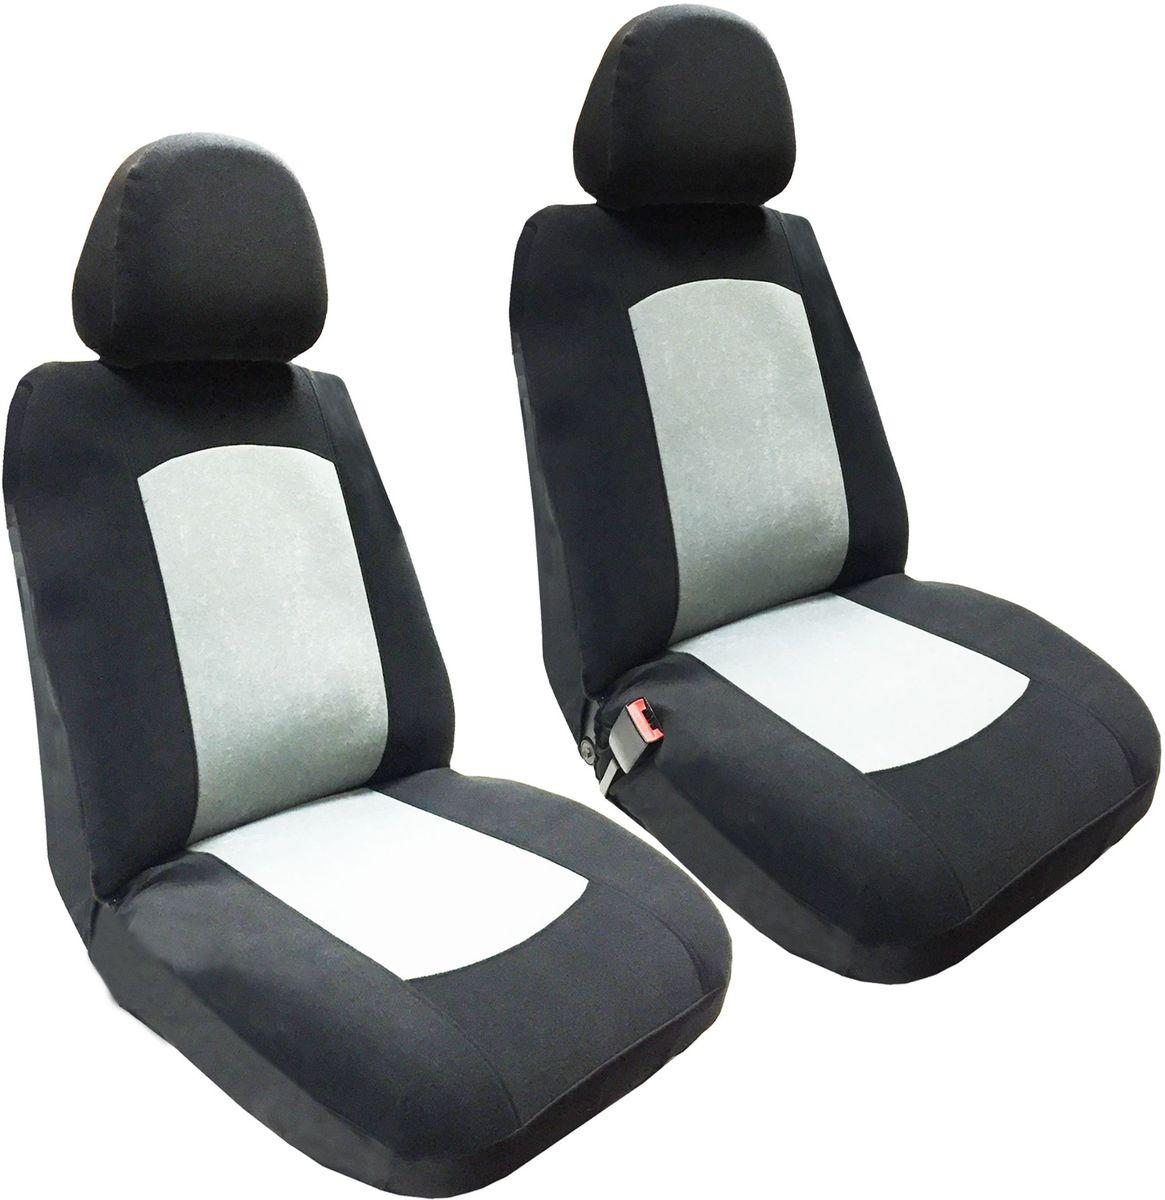 Набор автомобильных чехлов Auto Premium Фрегат, цвет: черный, серый, 4 предмета57201Комплект универсальных чехлов Auto Premium Фрегат выполнен из велюра, предназначен для передних кресел автомобиля. На задней спинке чехла расположен вшивной карман. В комплект входят съемные чехлы для подголовников. Практичный и долговечный комплект чехлов для передних сидений надежно защищает сиденье водителя и пассажира от механических повреждений, загрязнений и износа.